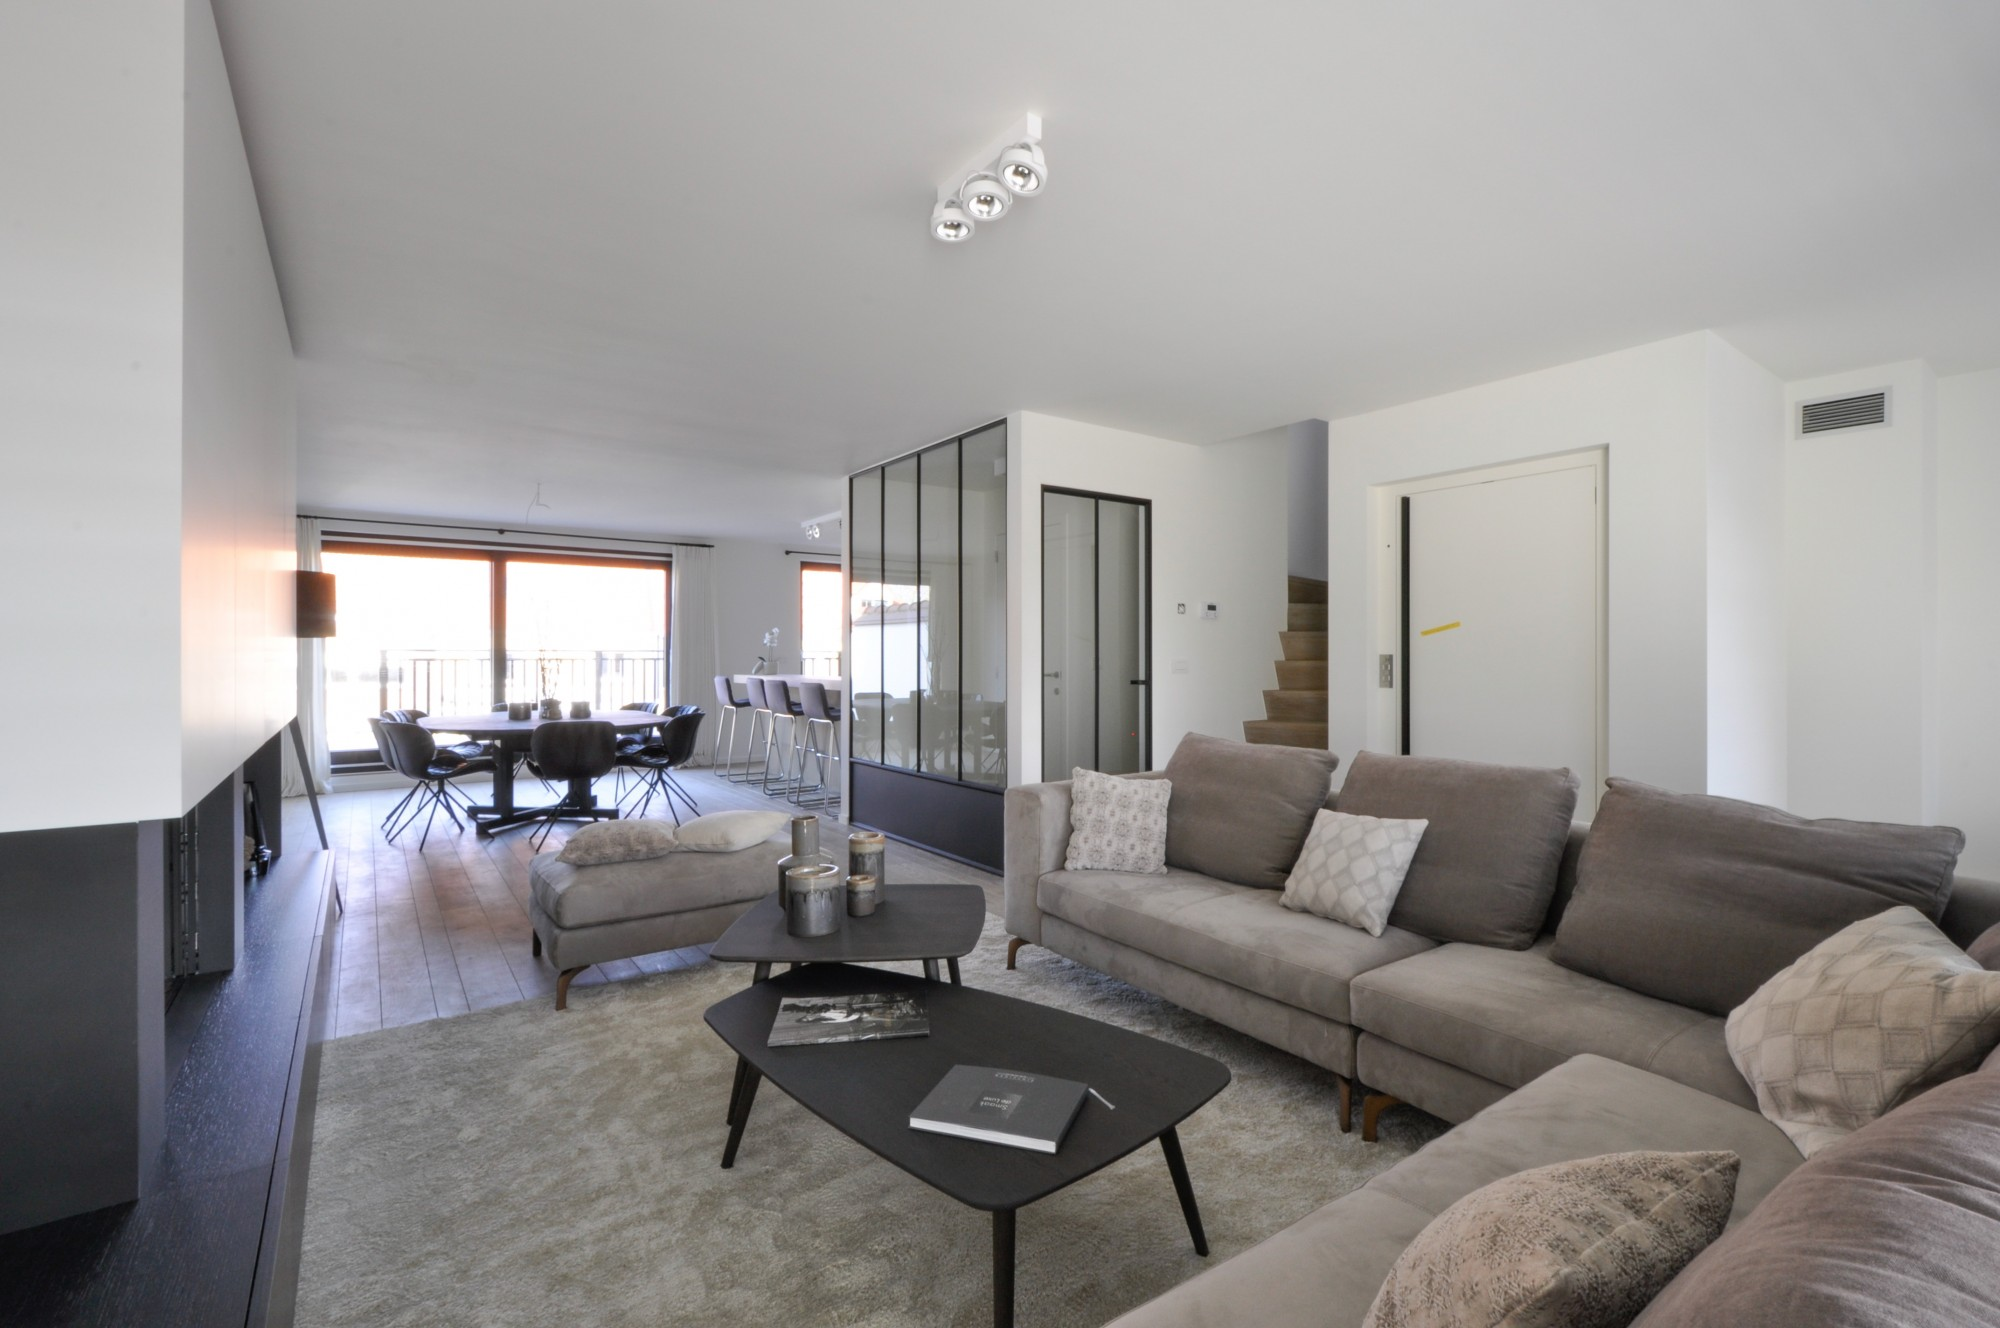 Vente Maison 3 CH Knokke-Heist - Les Tilleuls / Graaf Jansdijk